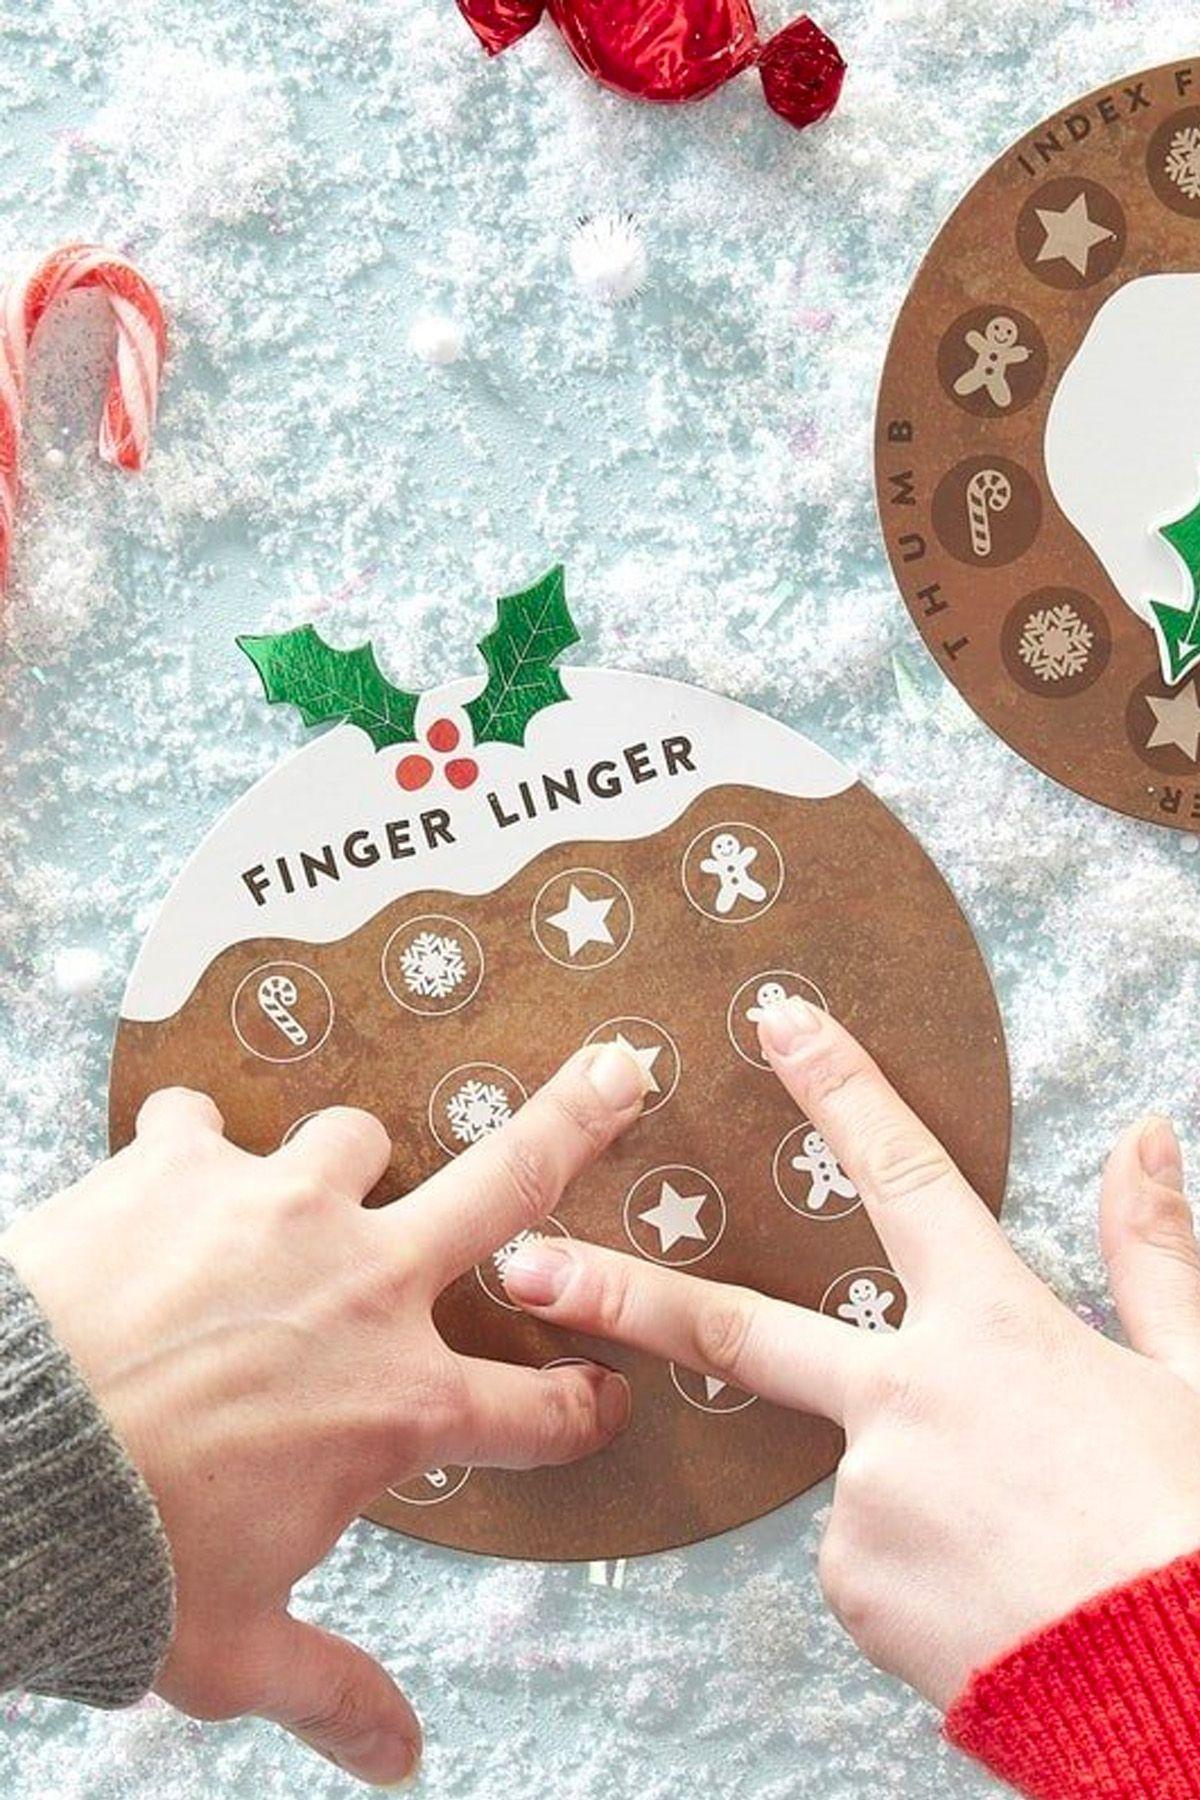 Christmas Games Finger Linger